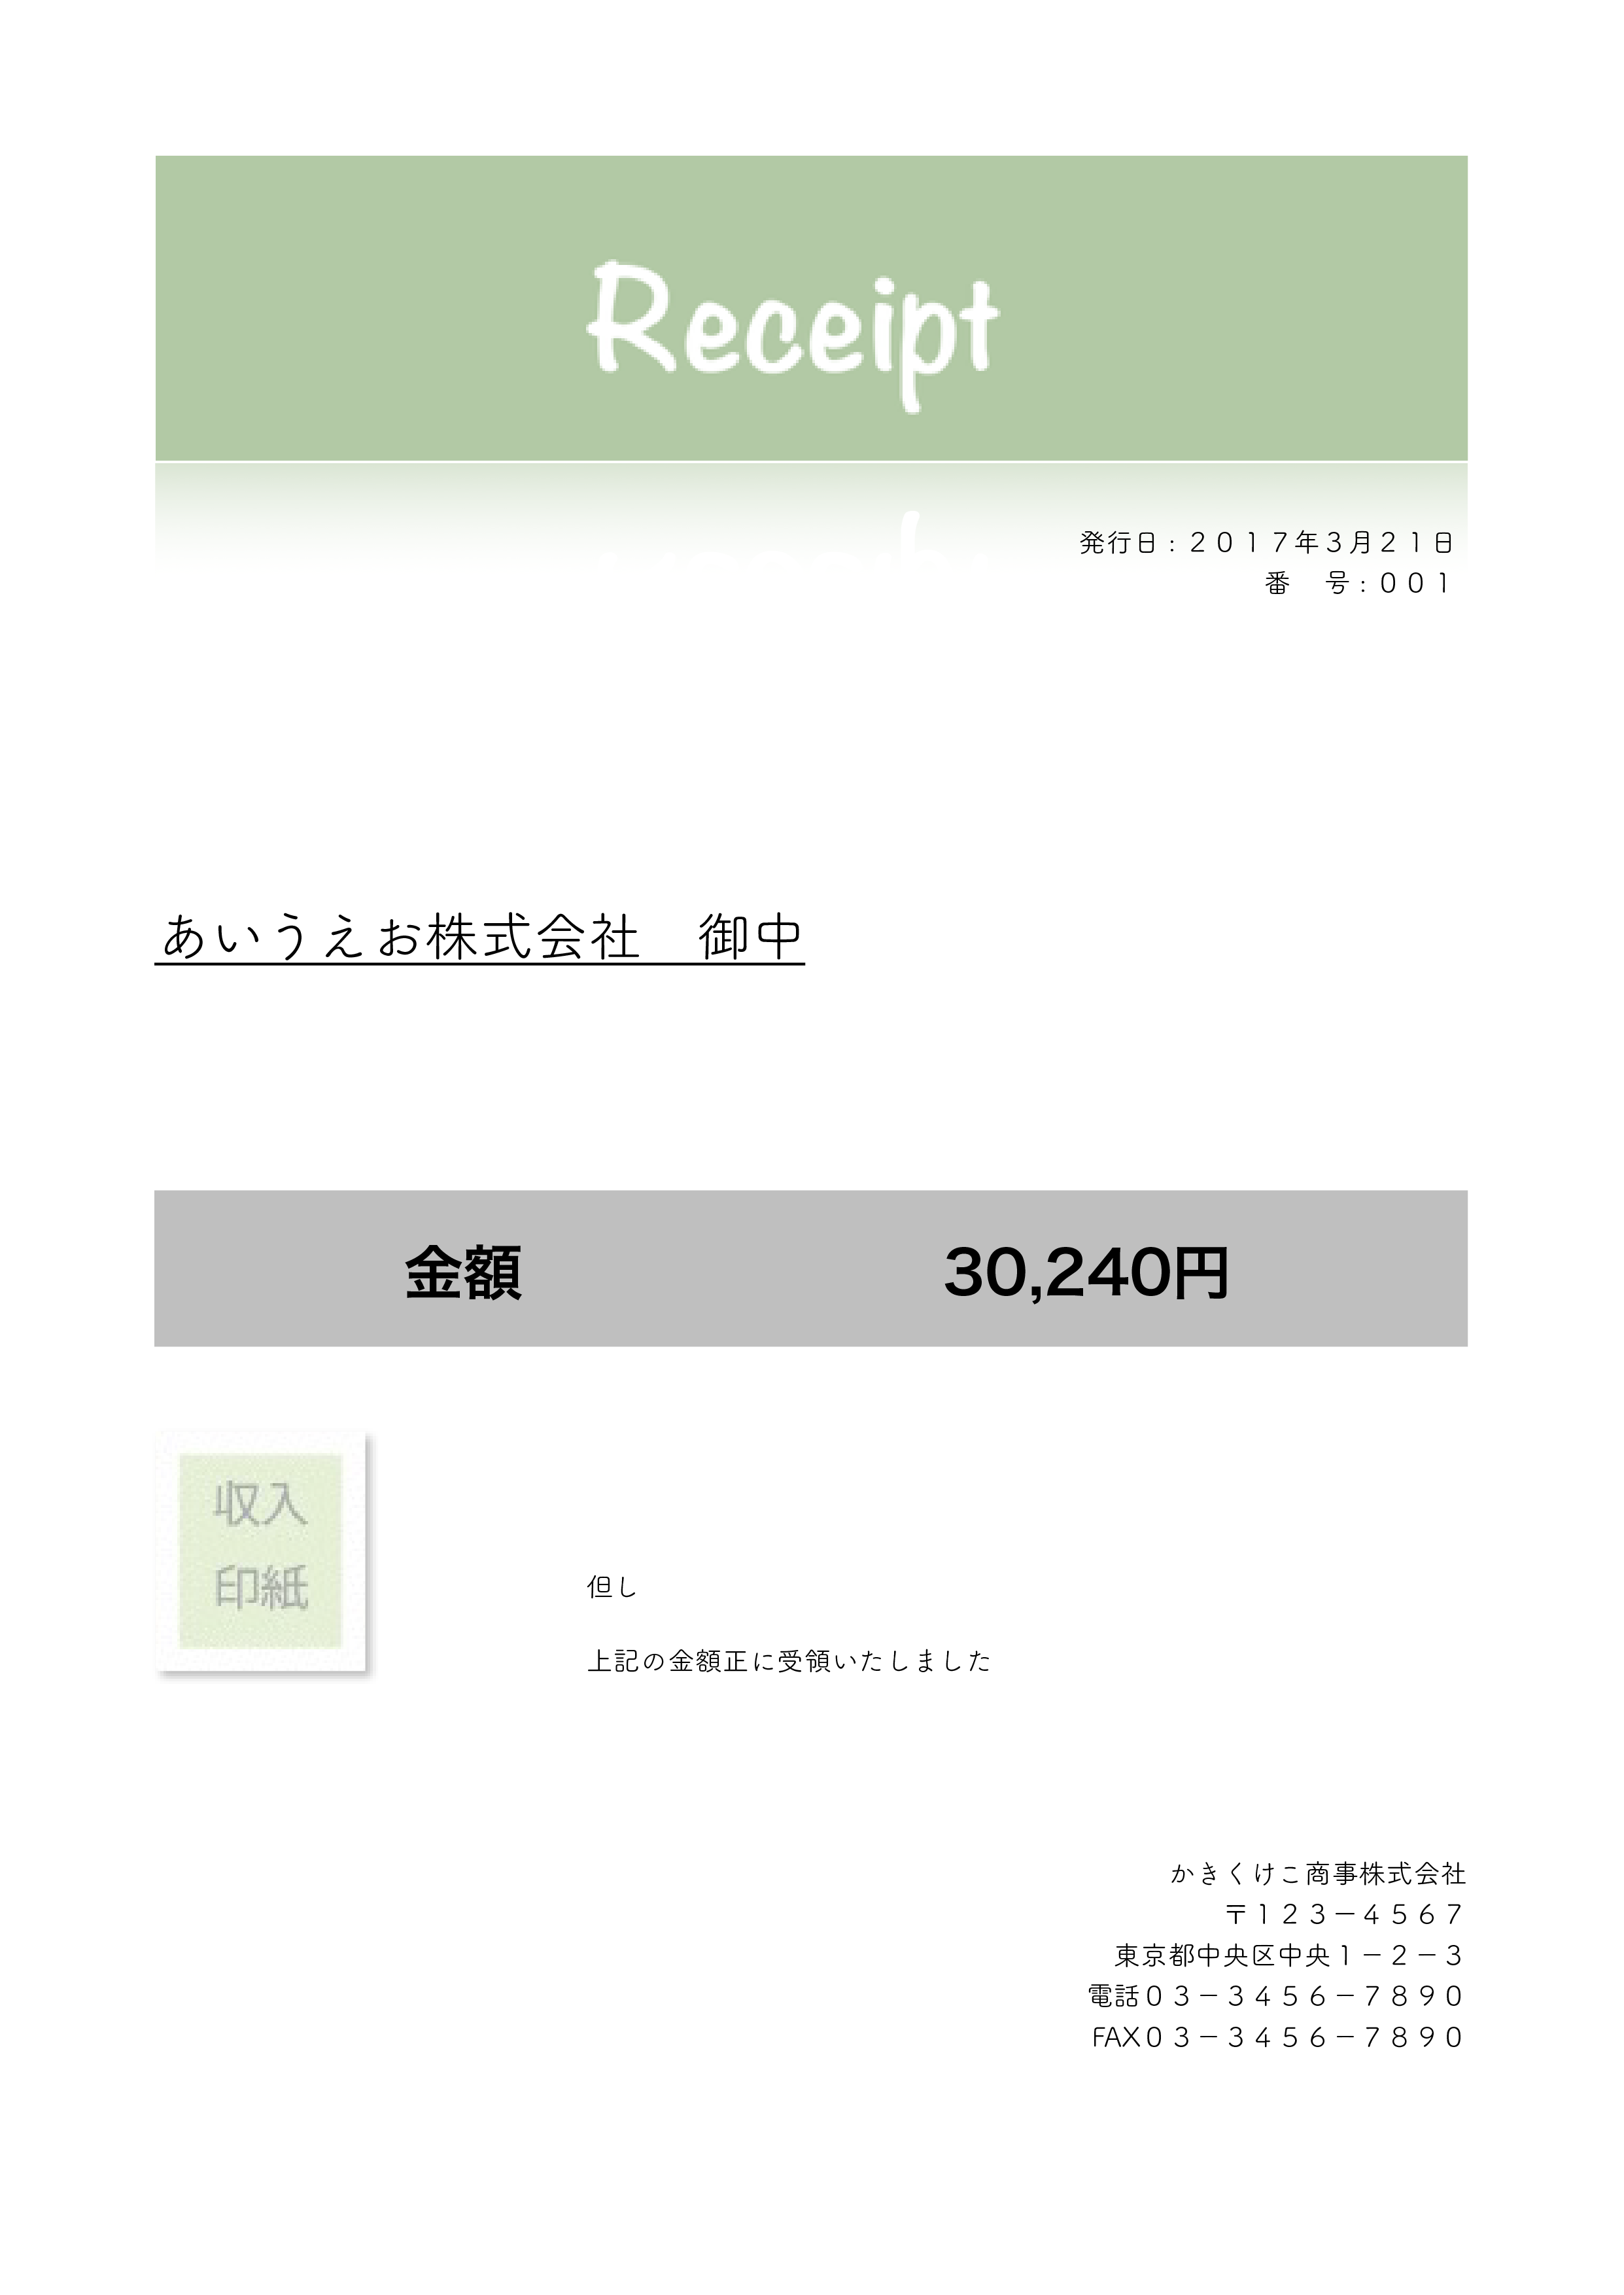 爽やかな領収書(Receipt)テンプレート(ワード、ページズ)A4サイズ  グリーン